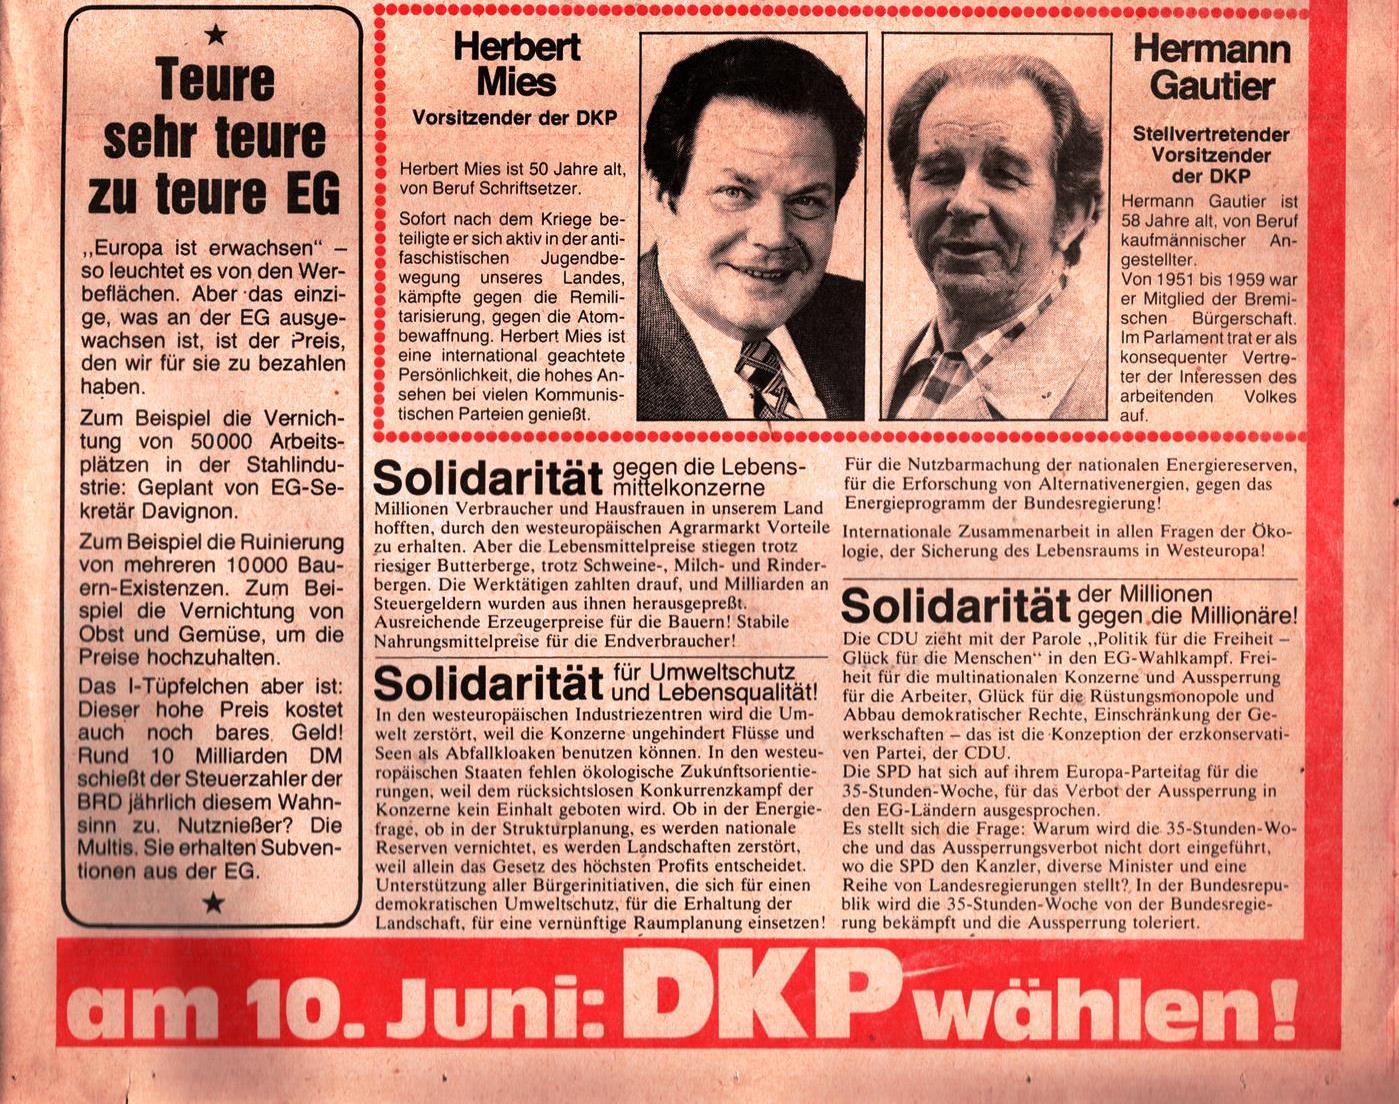 Muenchen_DKP_Neues_Muenchen_19790500_005_006